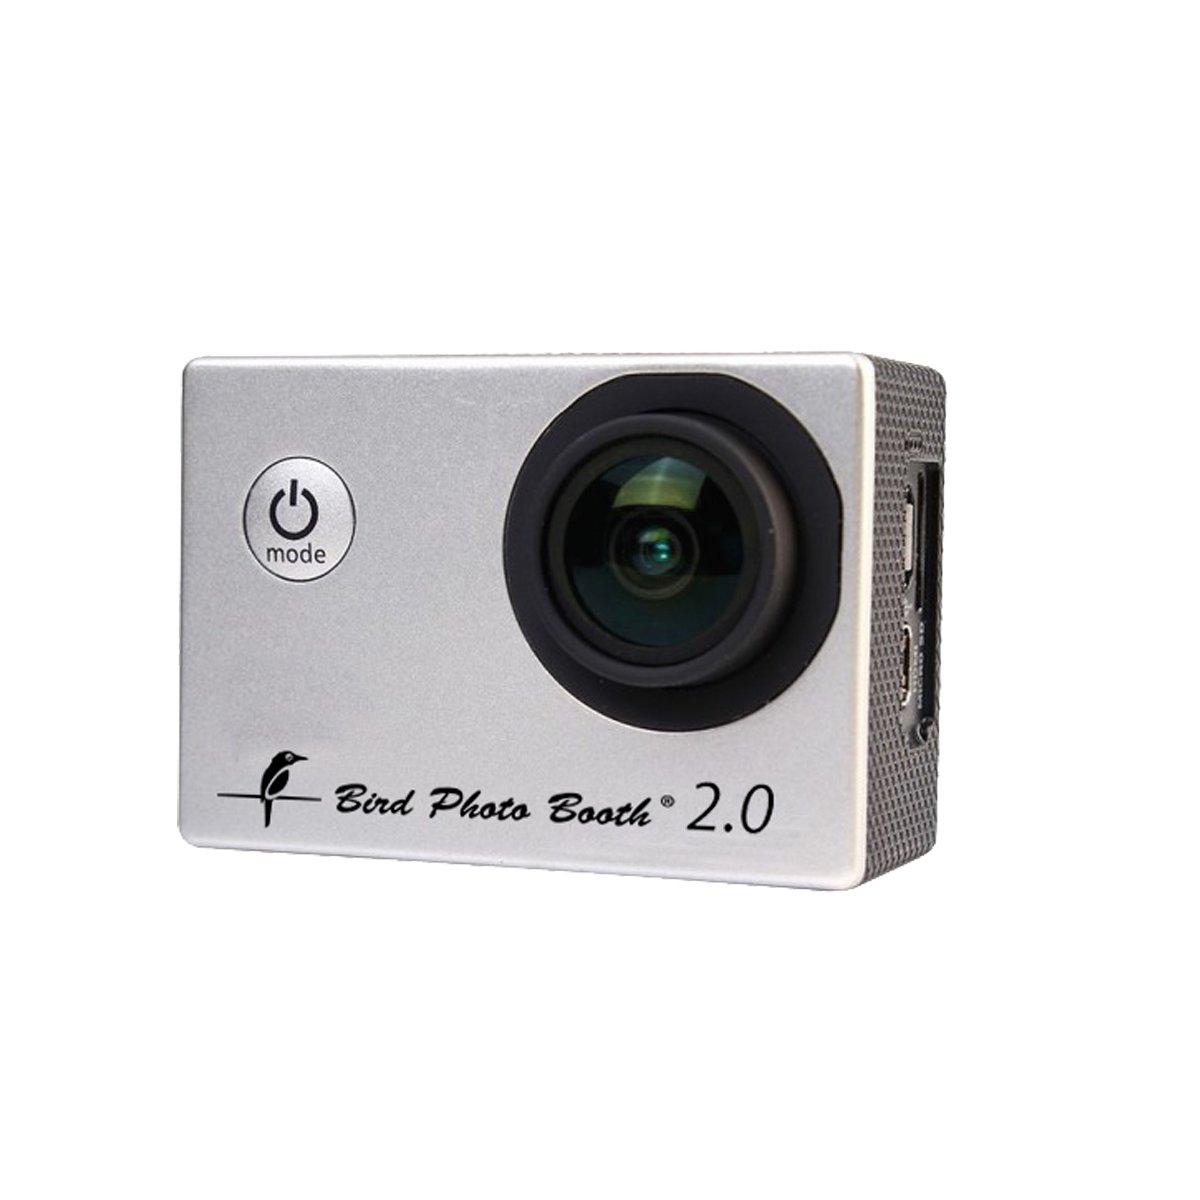 鳥写真ブース2.0 4 K motion-activatedワイヤレスWi Fi鳥Cam。 B01FT5WKXU